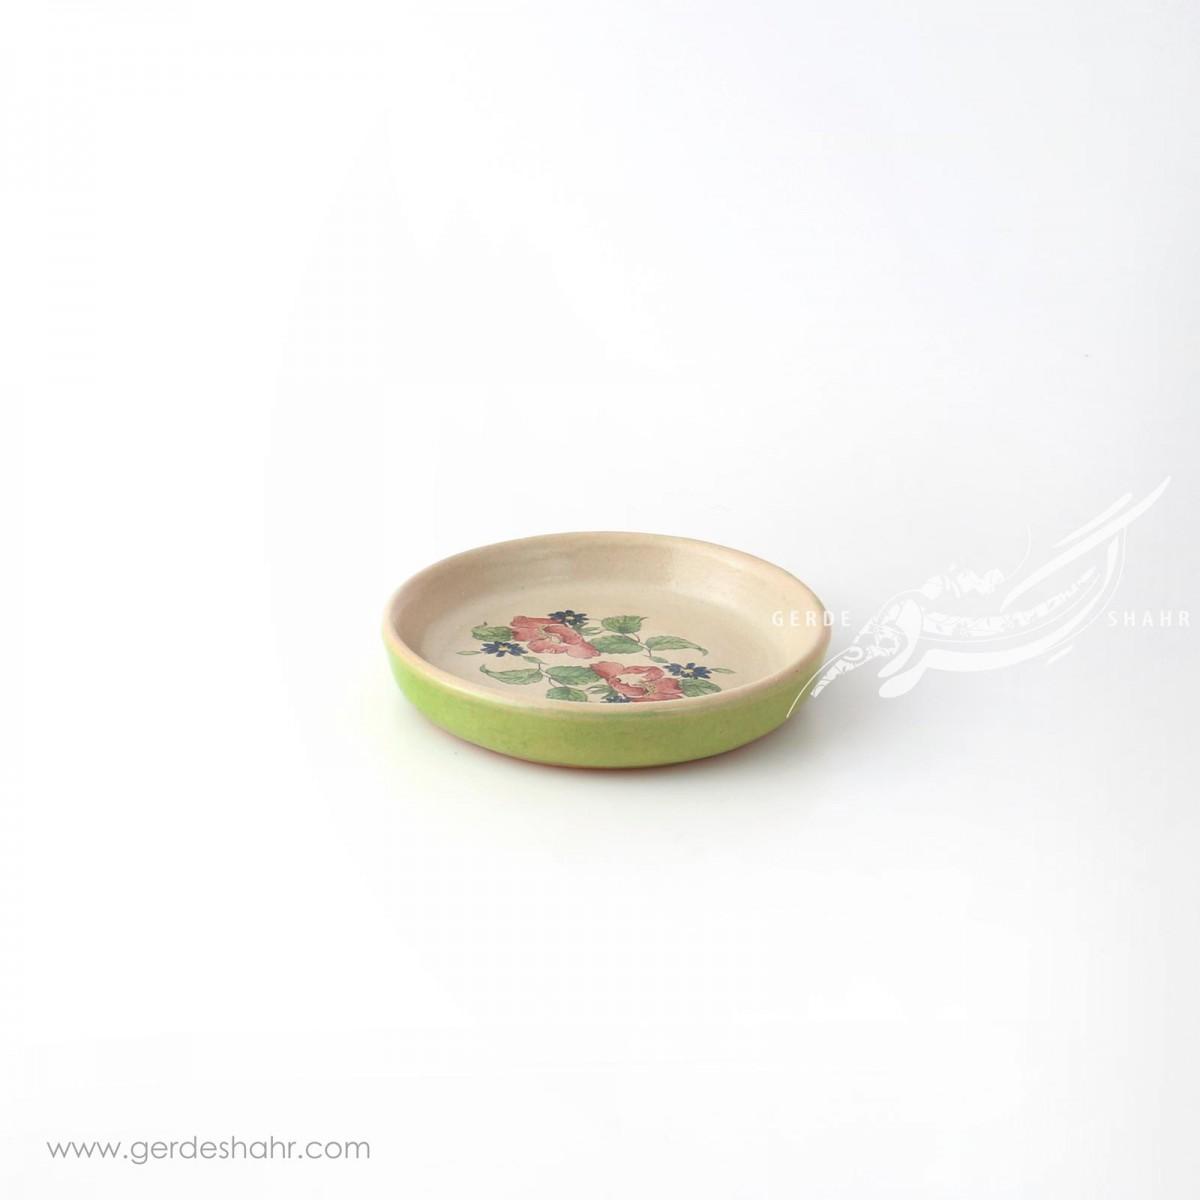 ظرف کوچک کرم با گل های رنگارنگ ماه فروز محصولات